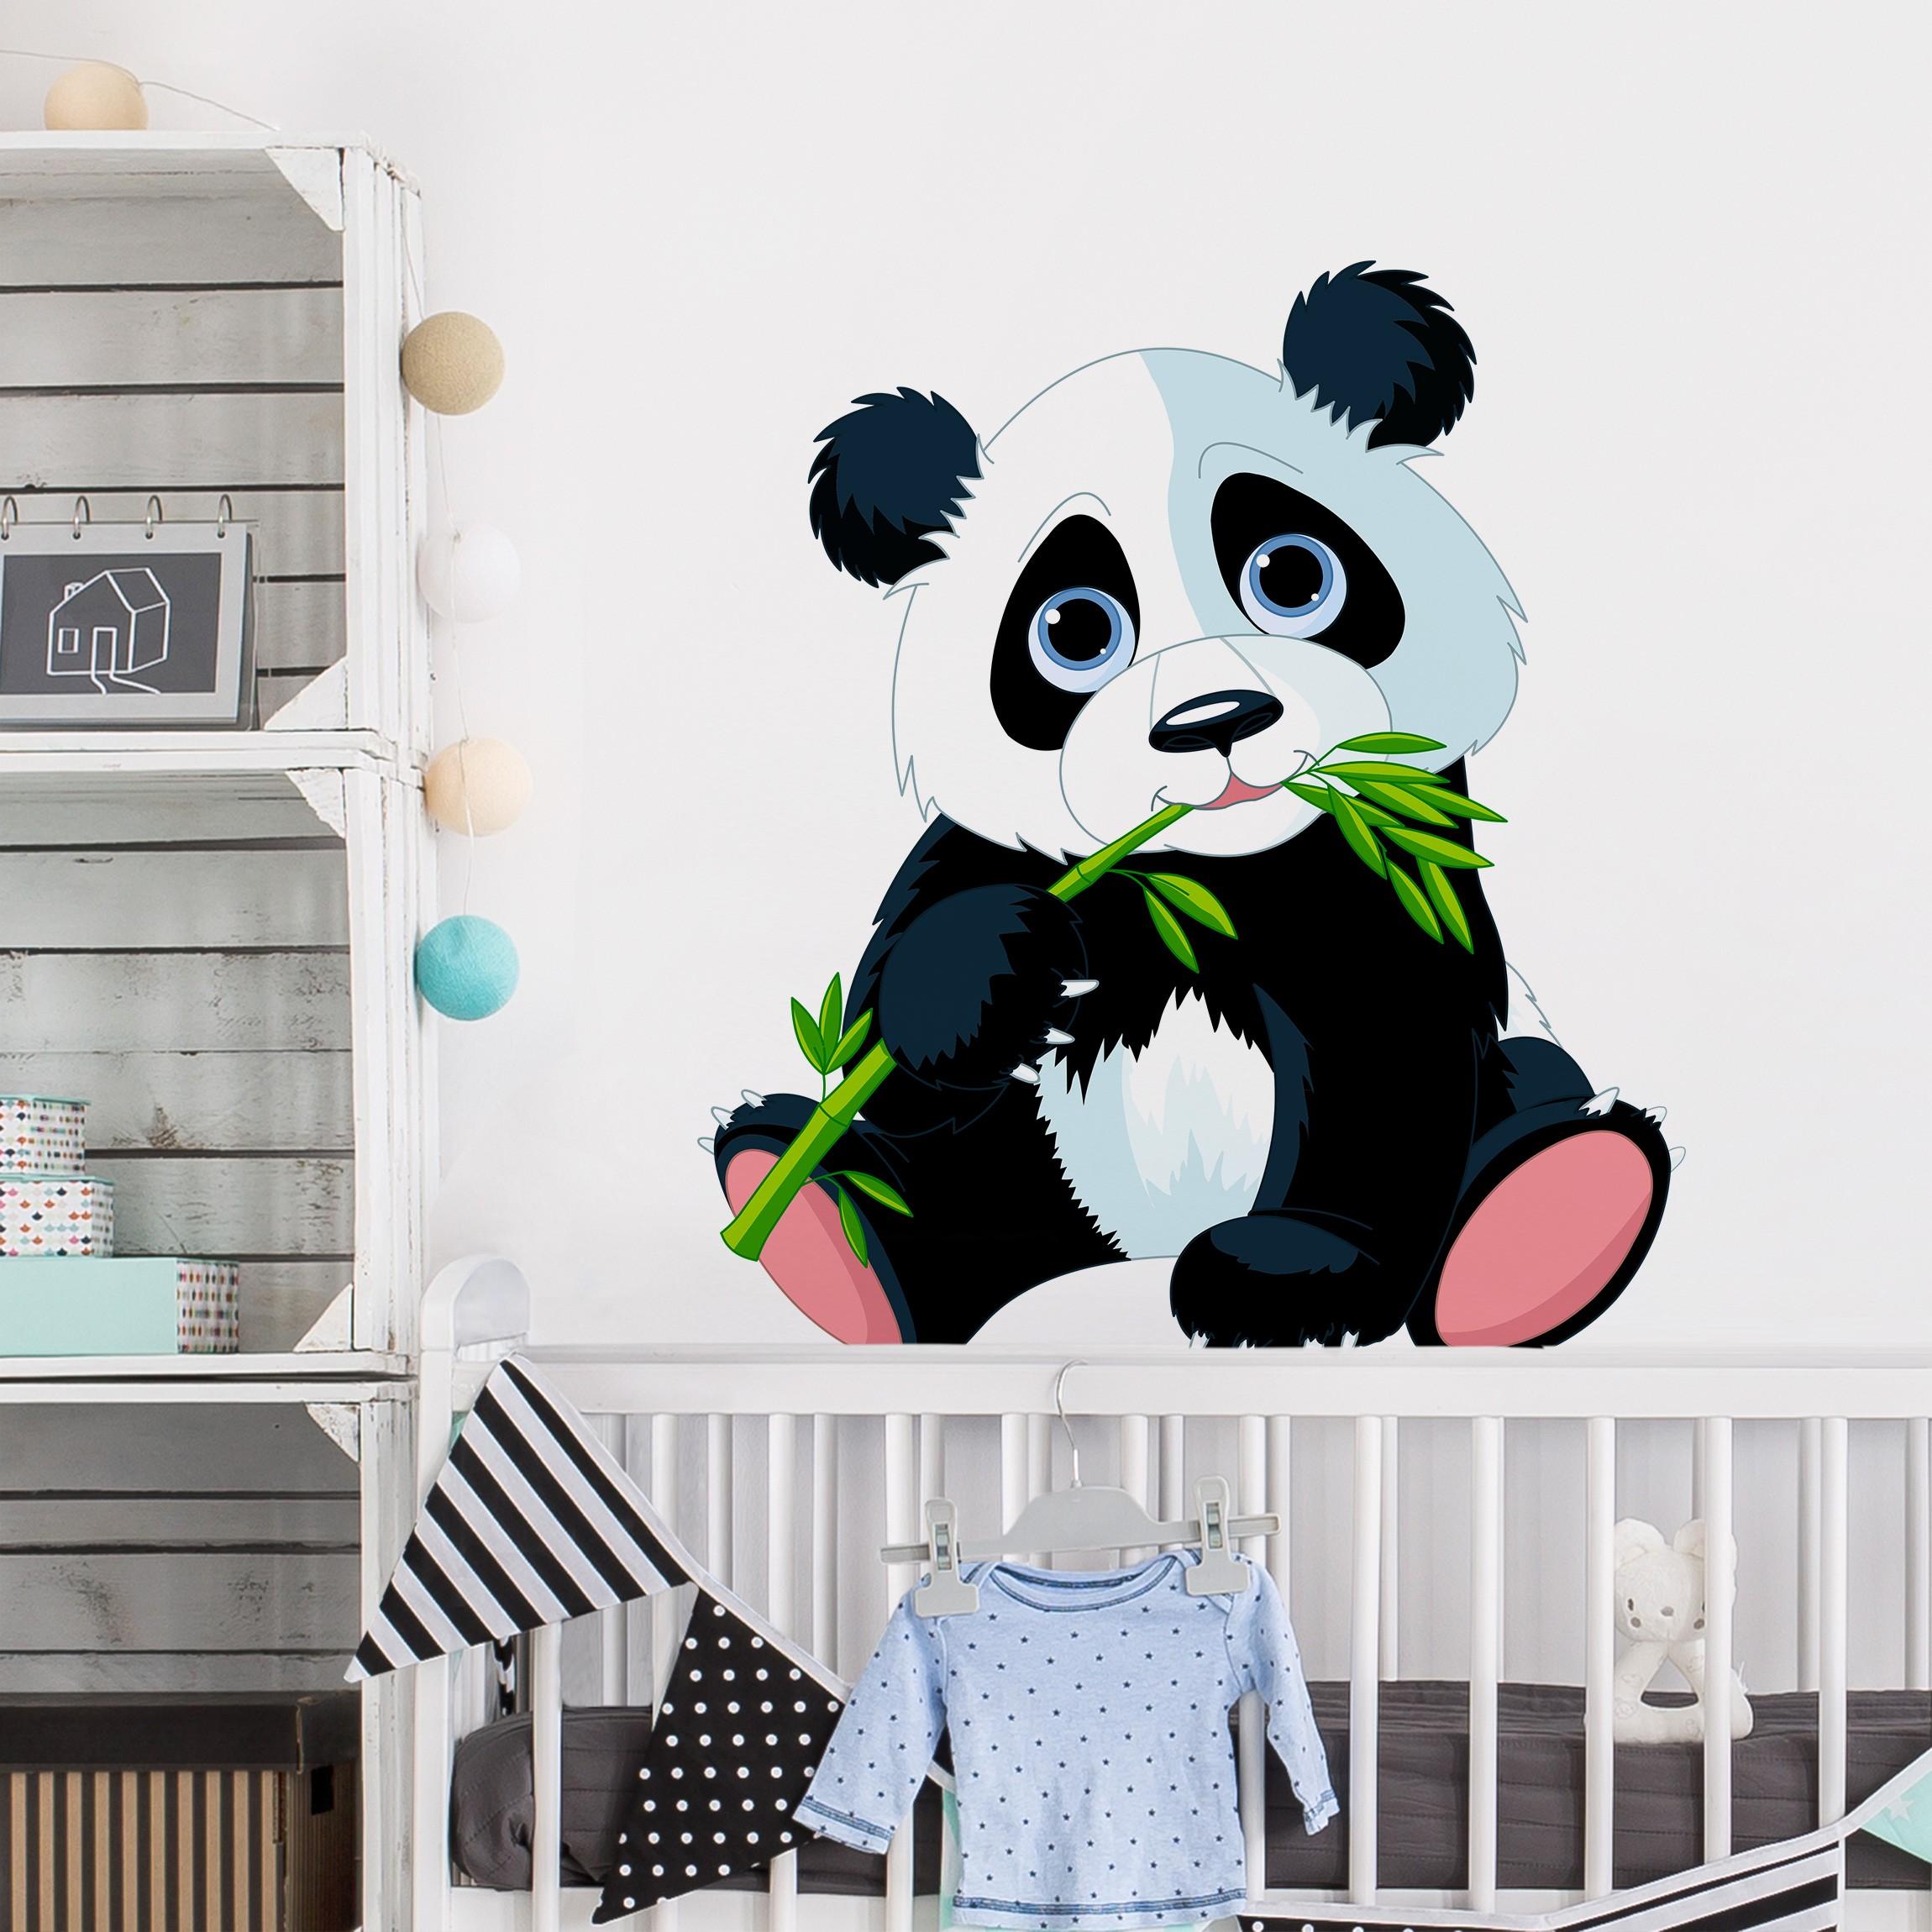 Full Size of Wandtattoo Kinderzimmer Tiere Naschender Panda Regale Küche Bad Schlafzimmer Wandtattoos Sofa Wohnzimmer Sprüche Regal Weiß Badezimmer Kinderzimmer Wandtattoo Kinderzimmer Tiere